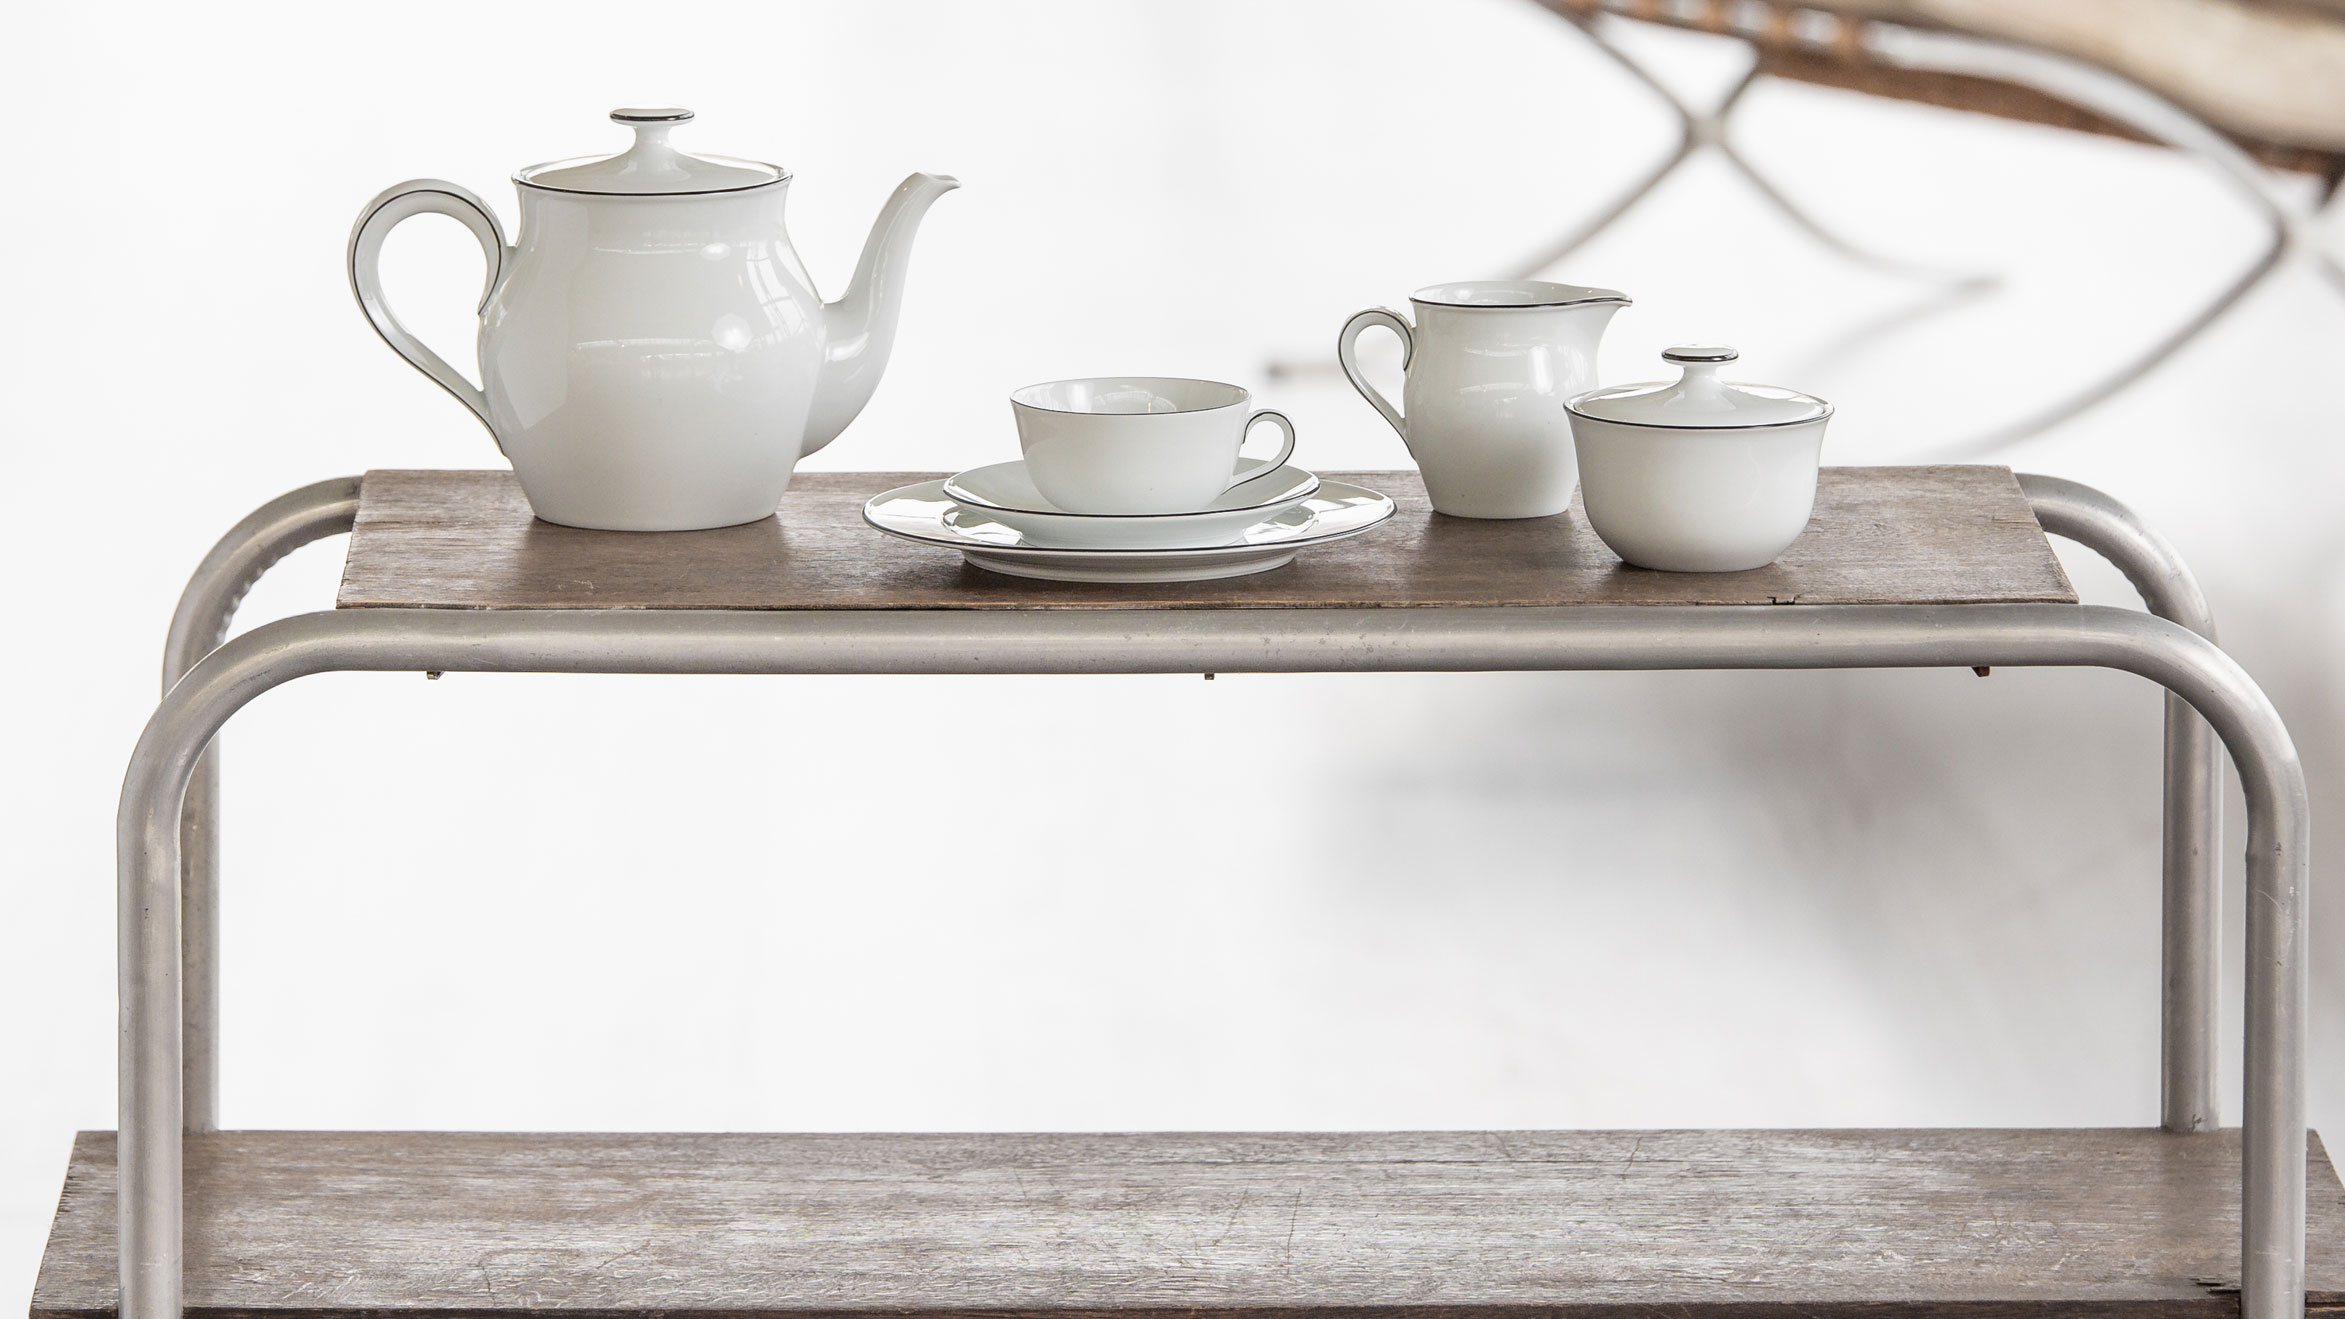 Tea arrangement